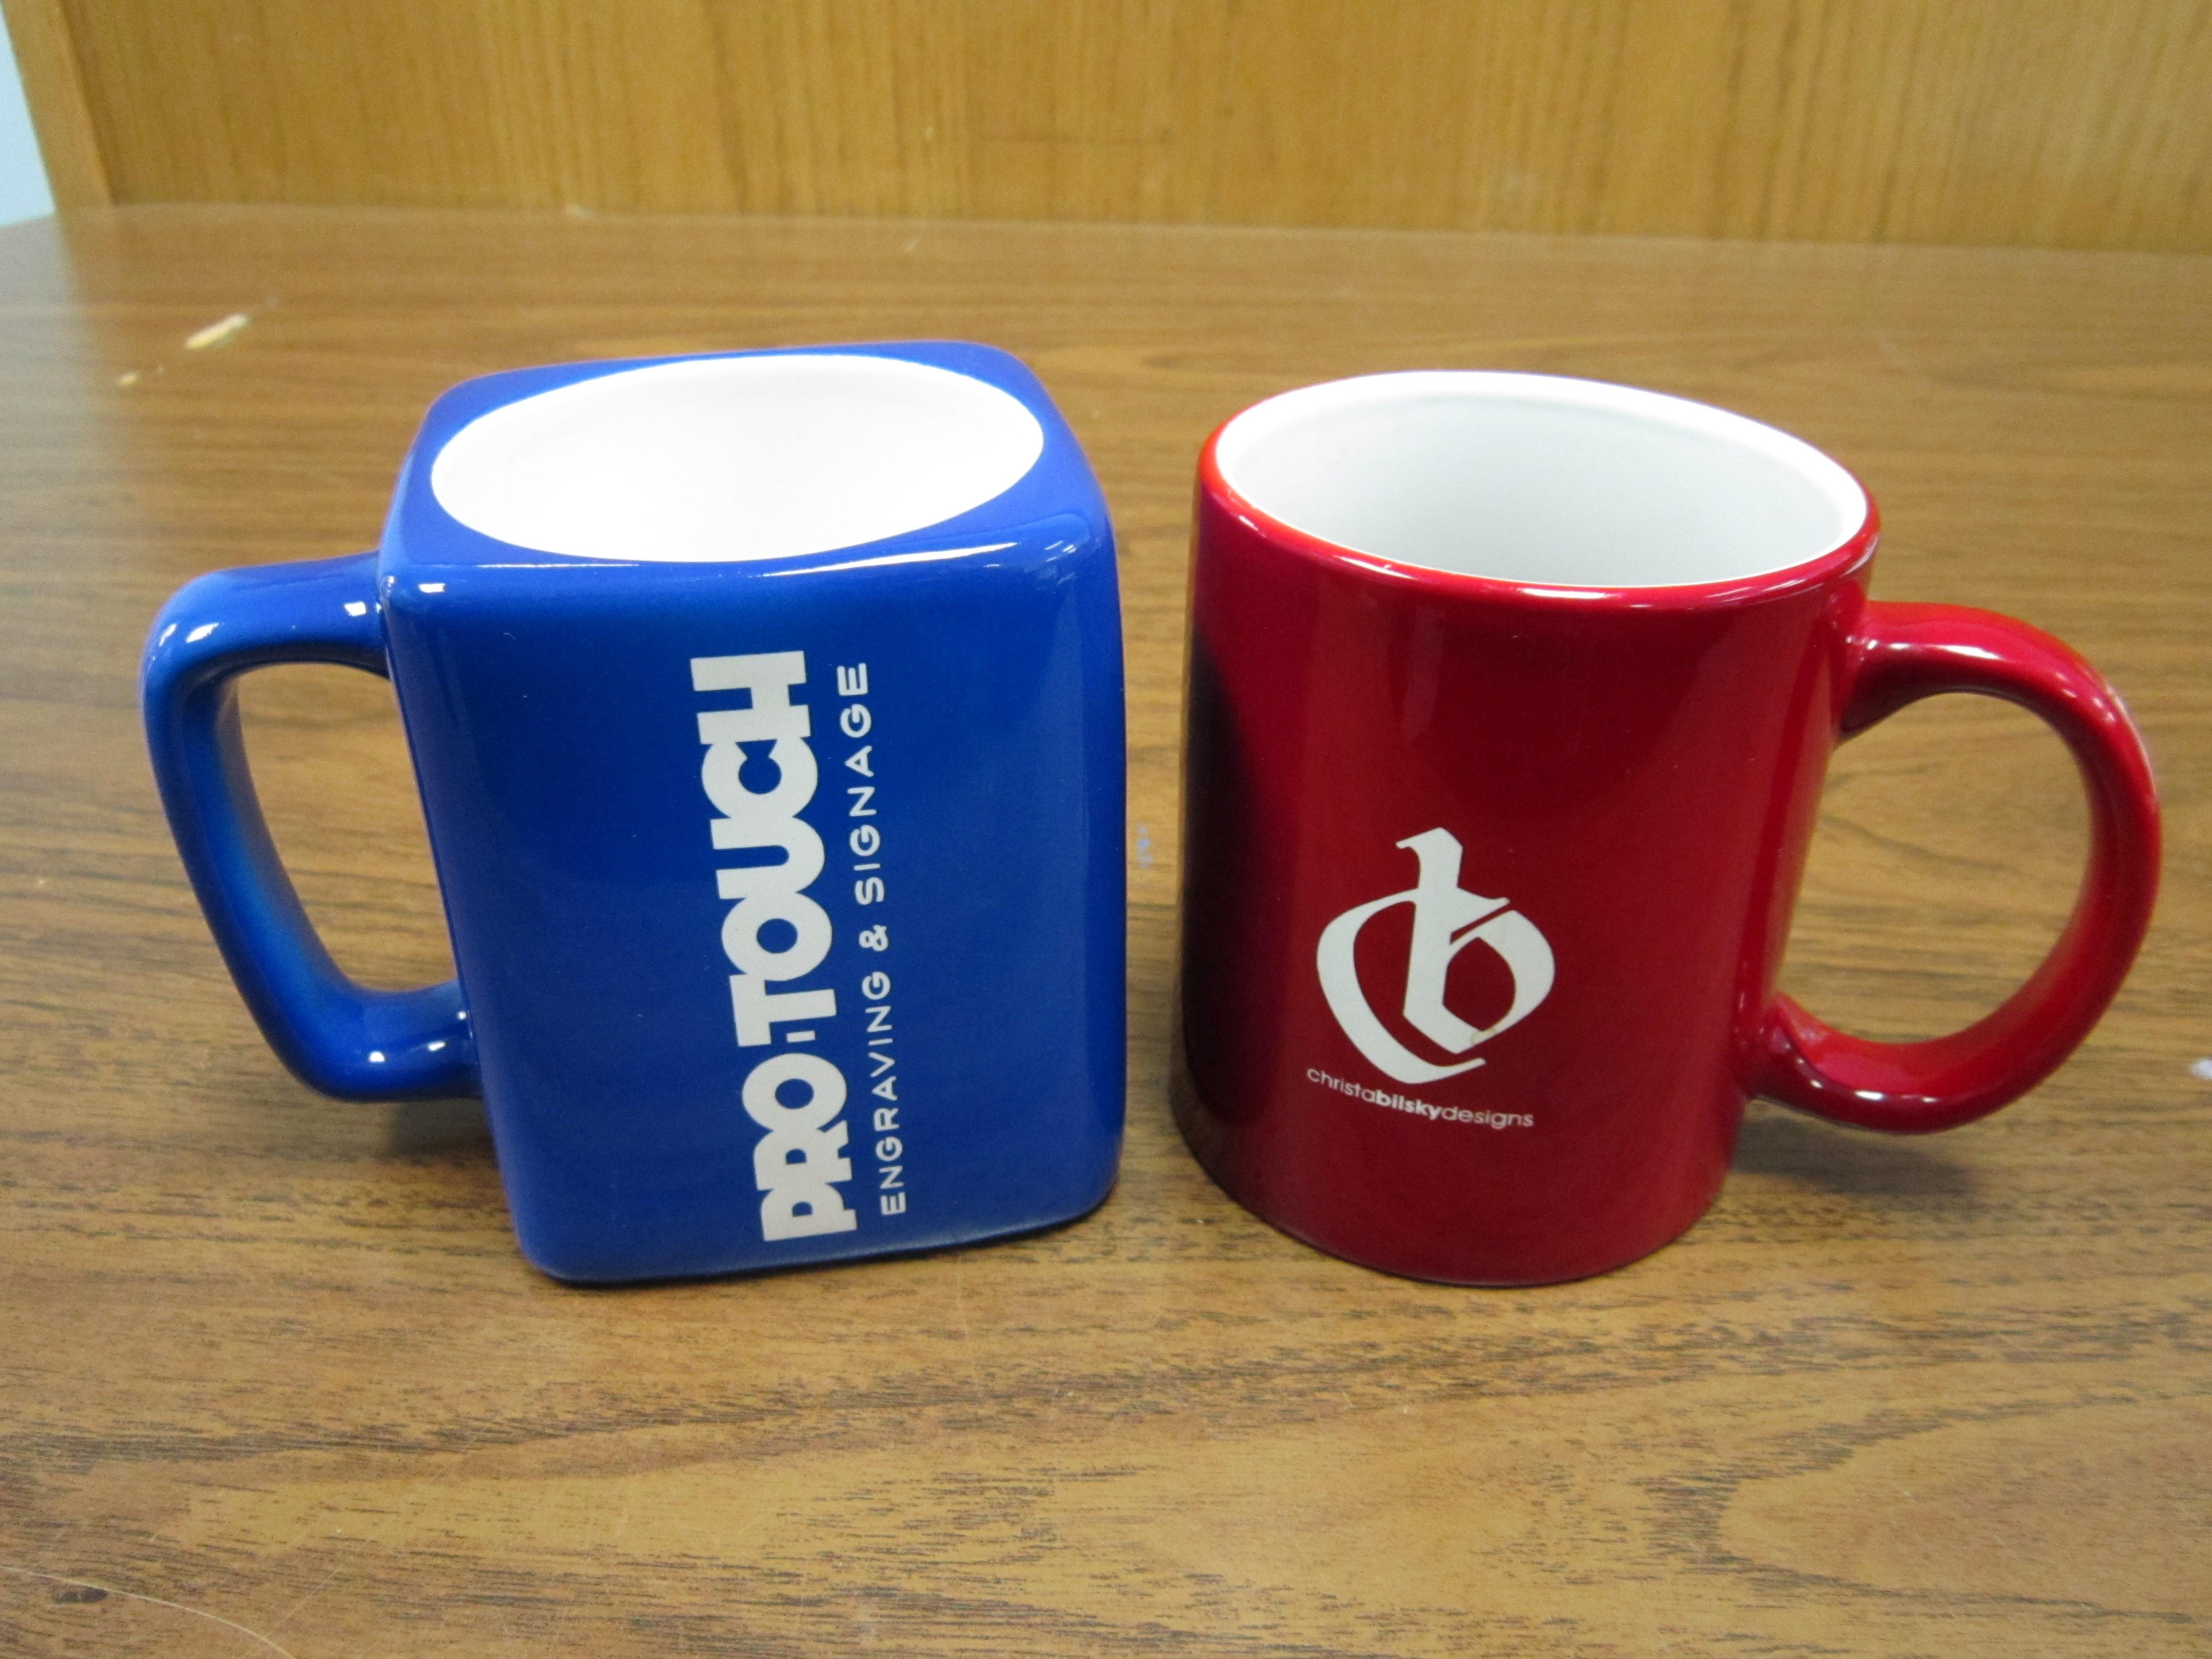 mugs with logo